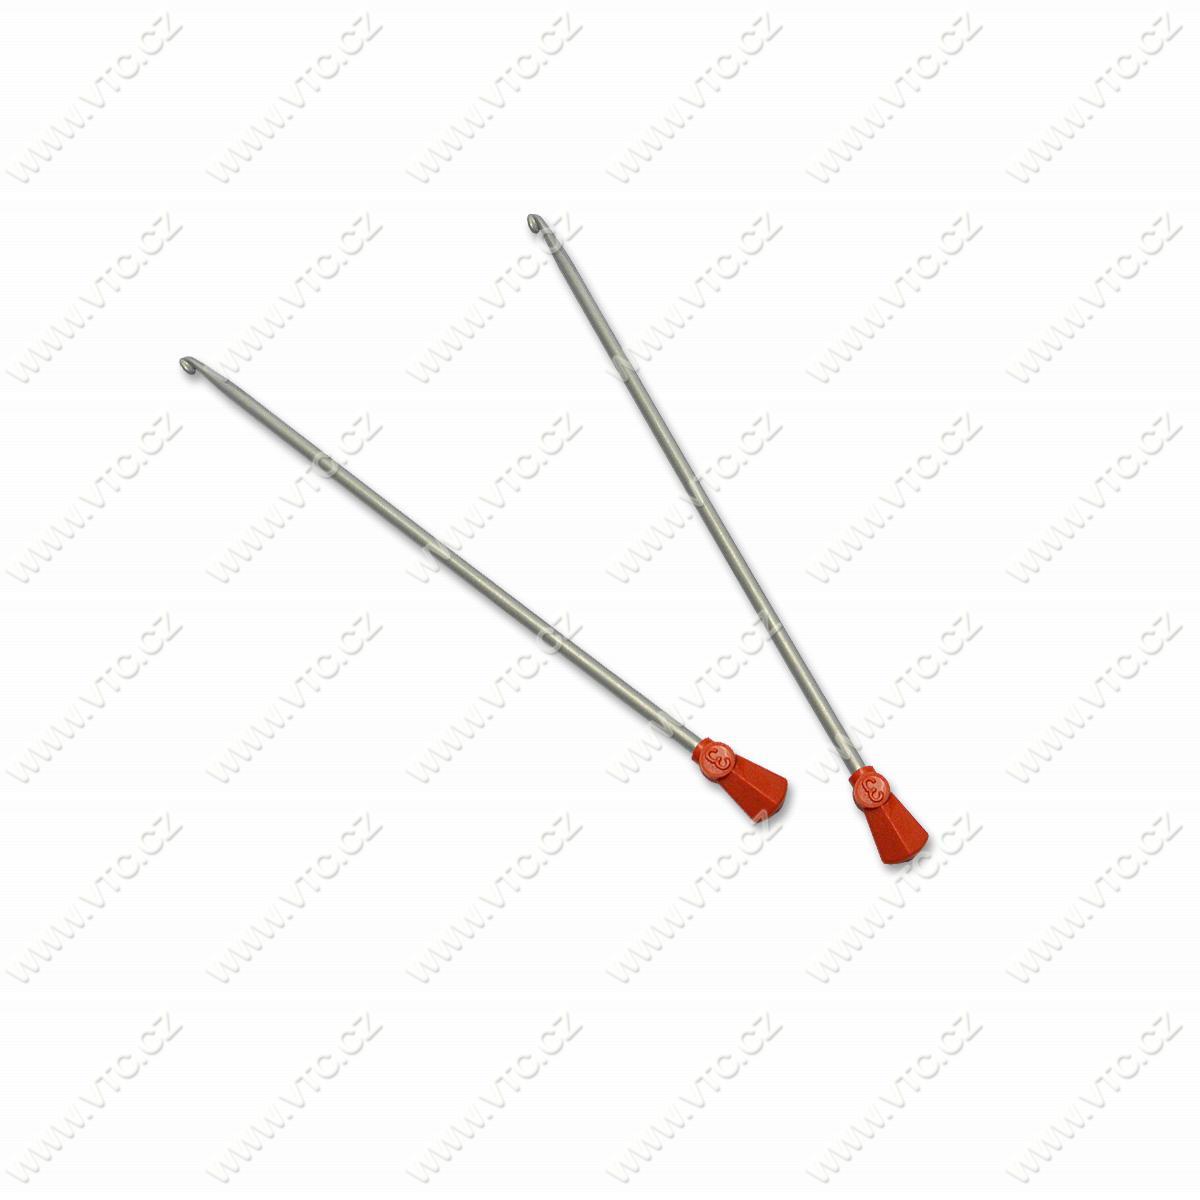 Knitting Hooks : Knitting hook cm size vtc jsc